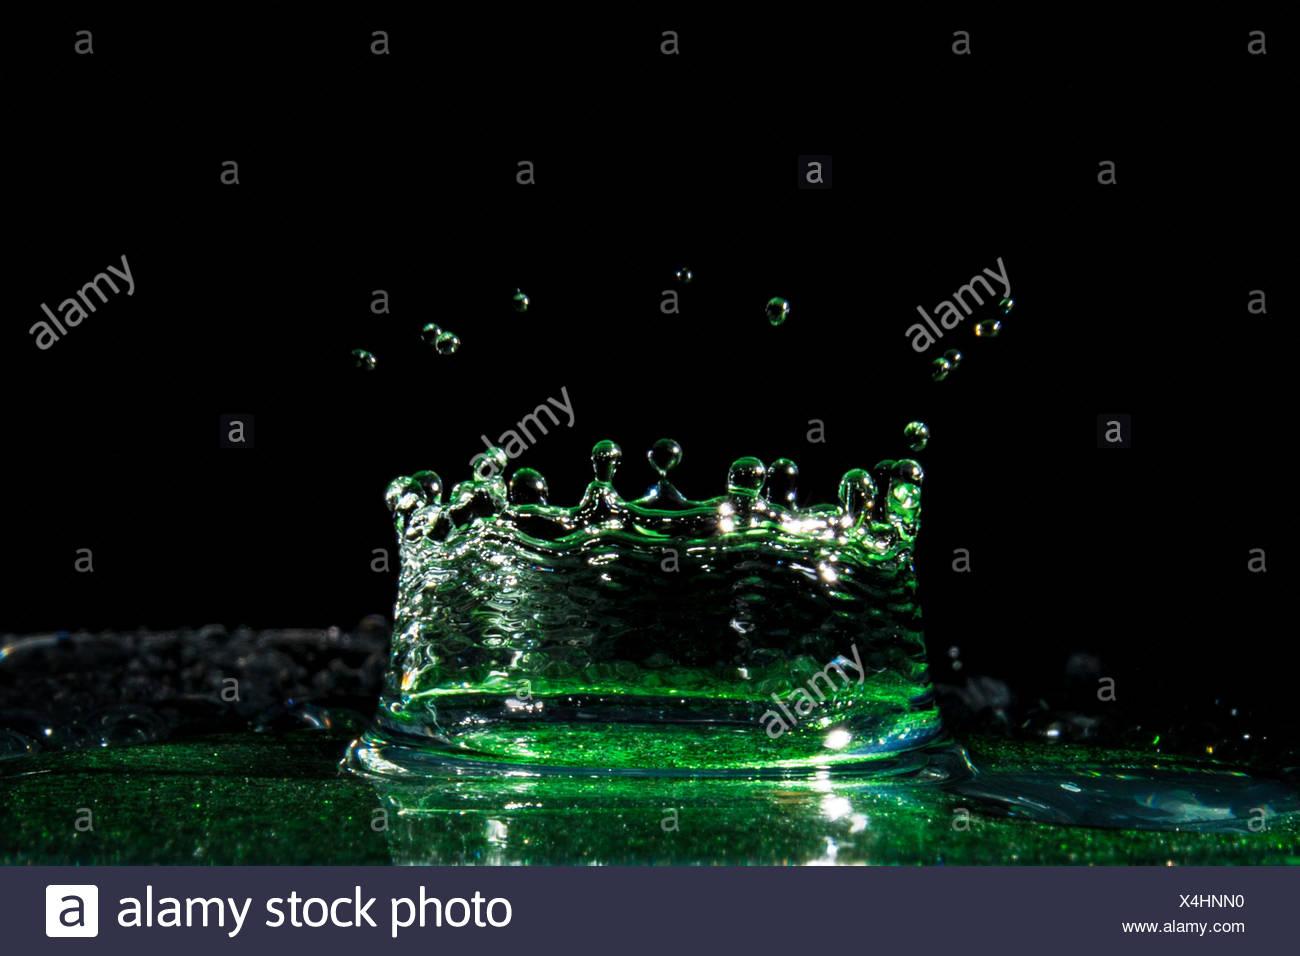 Water Crown splashing in water - Stock Image